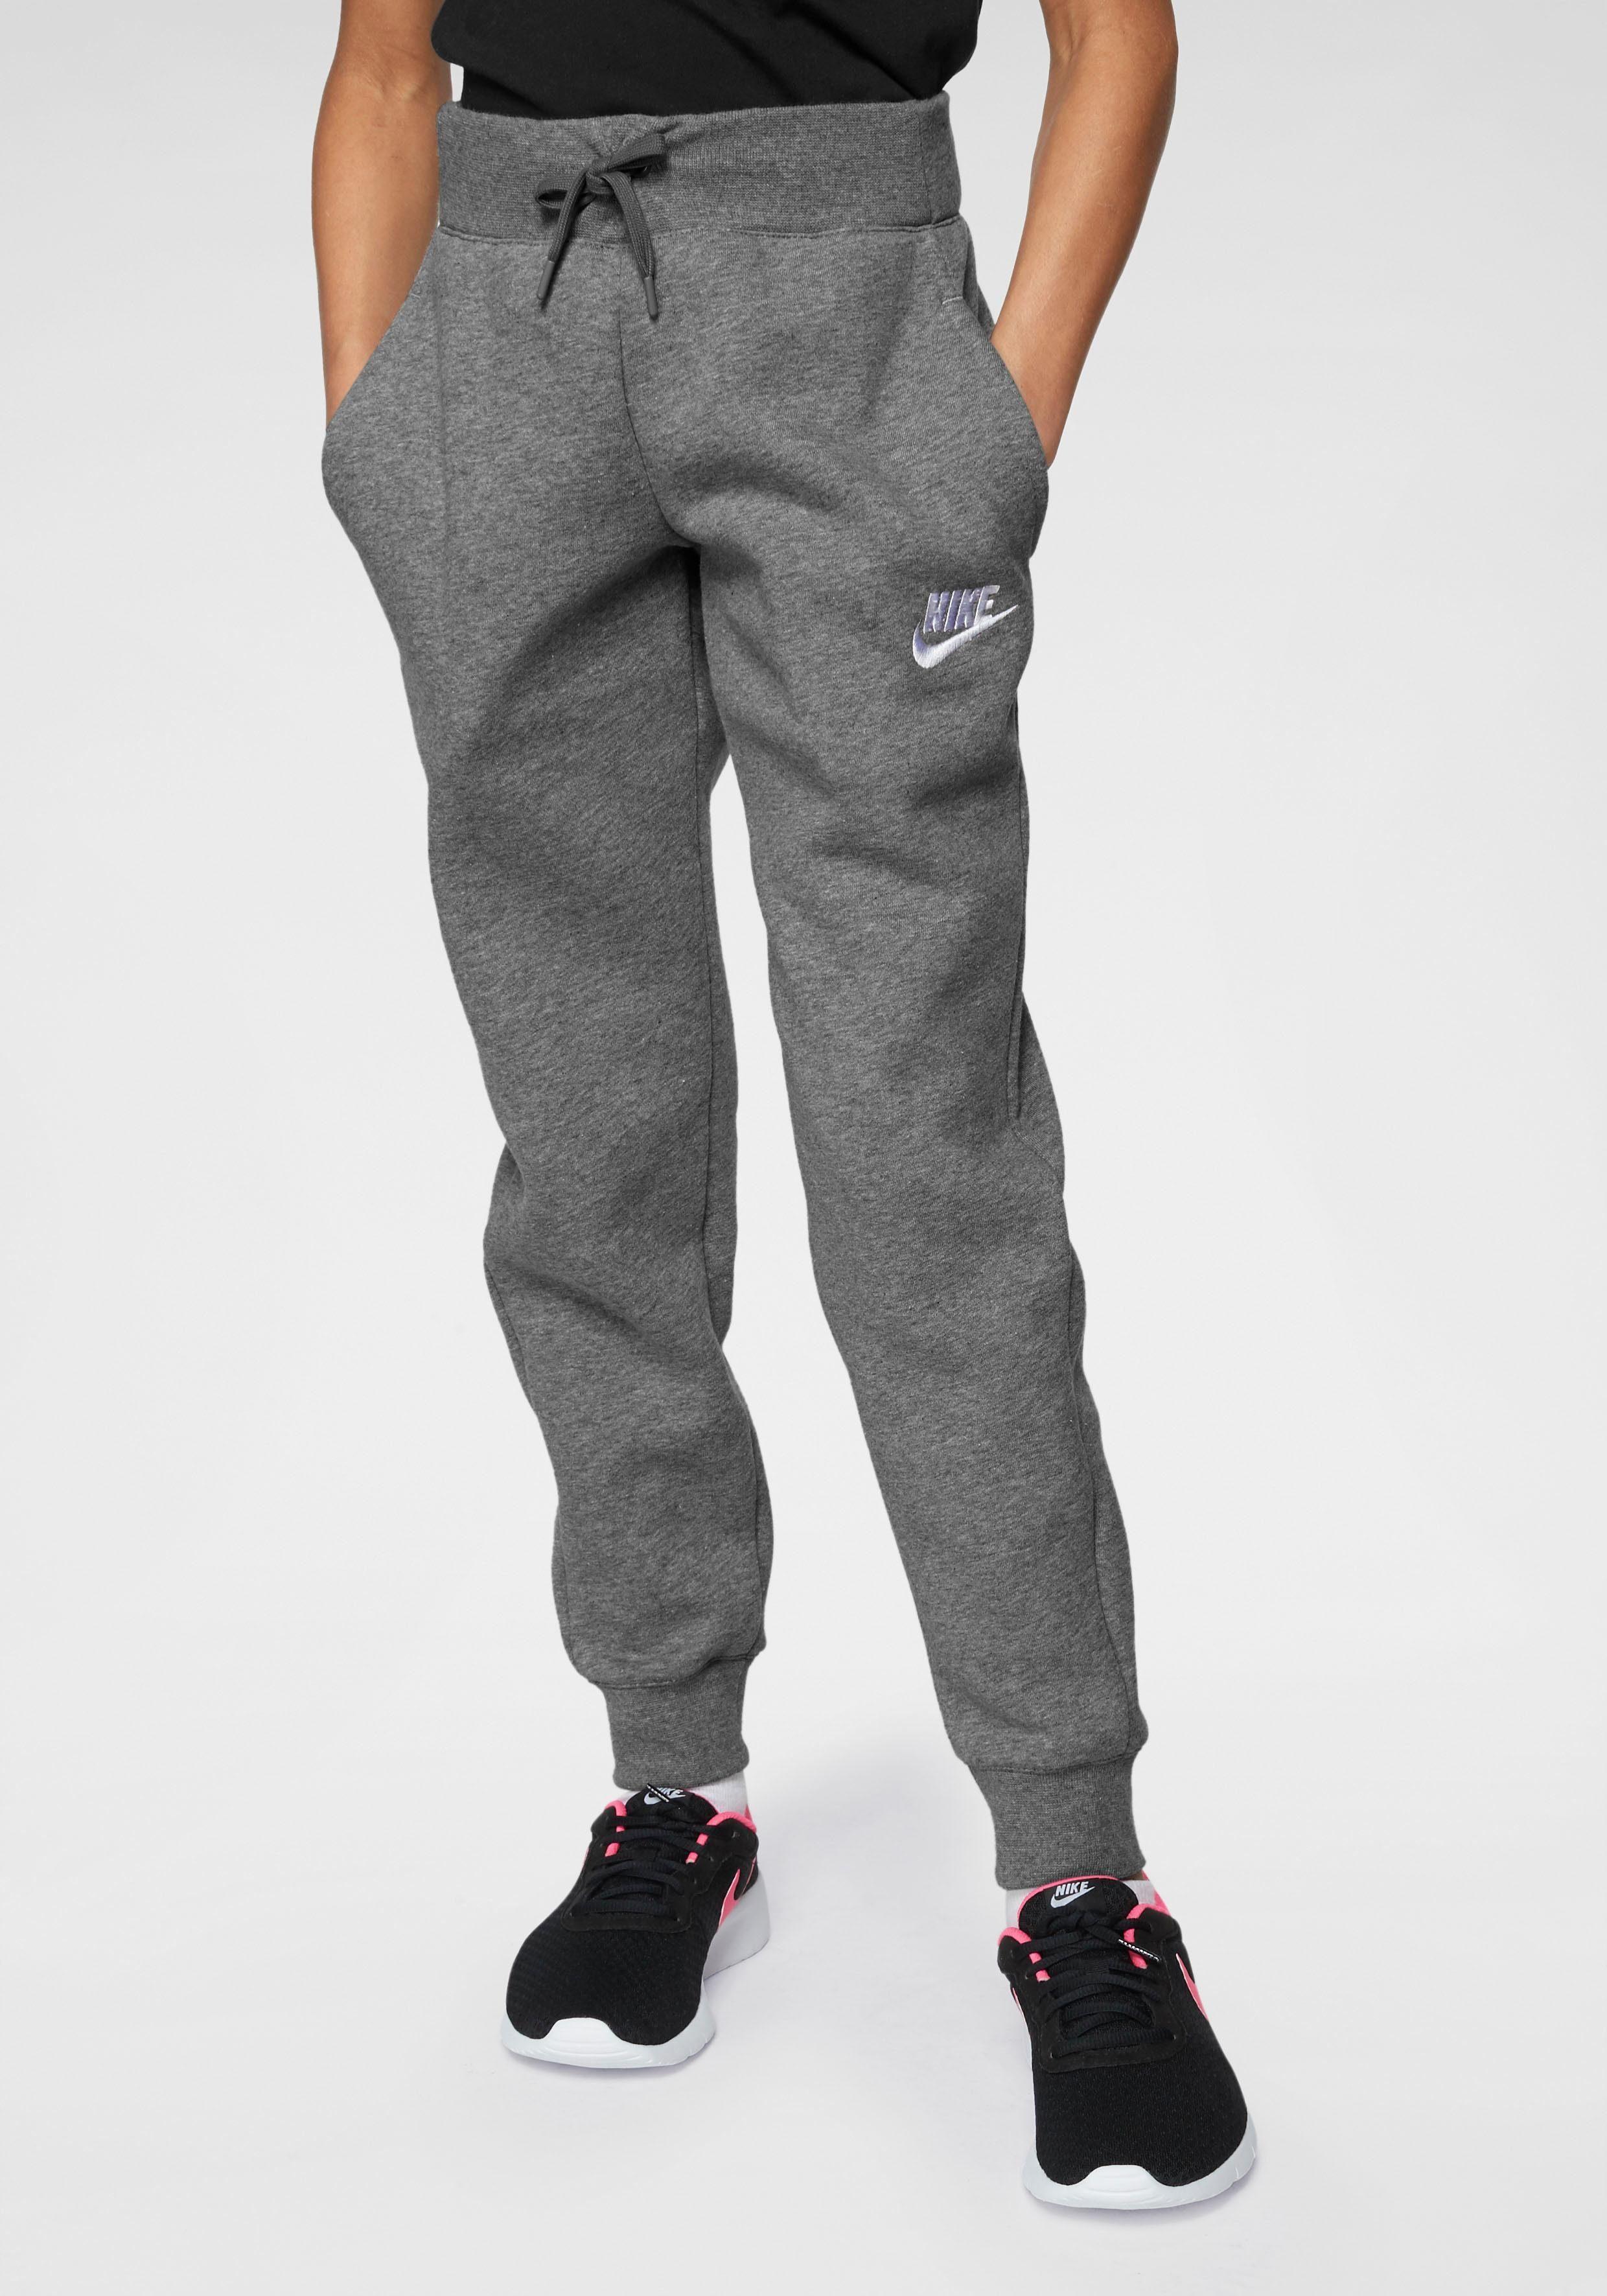 Nike Sportswear Jogginghose »GIRLS NIKE SPORTSWEAR PANT« online kaufen | OTTO